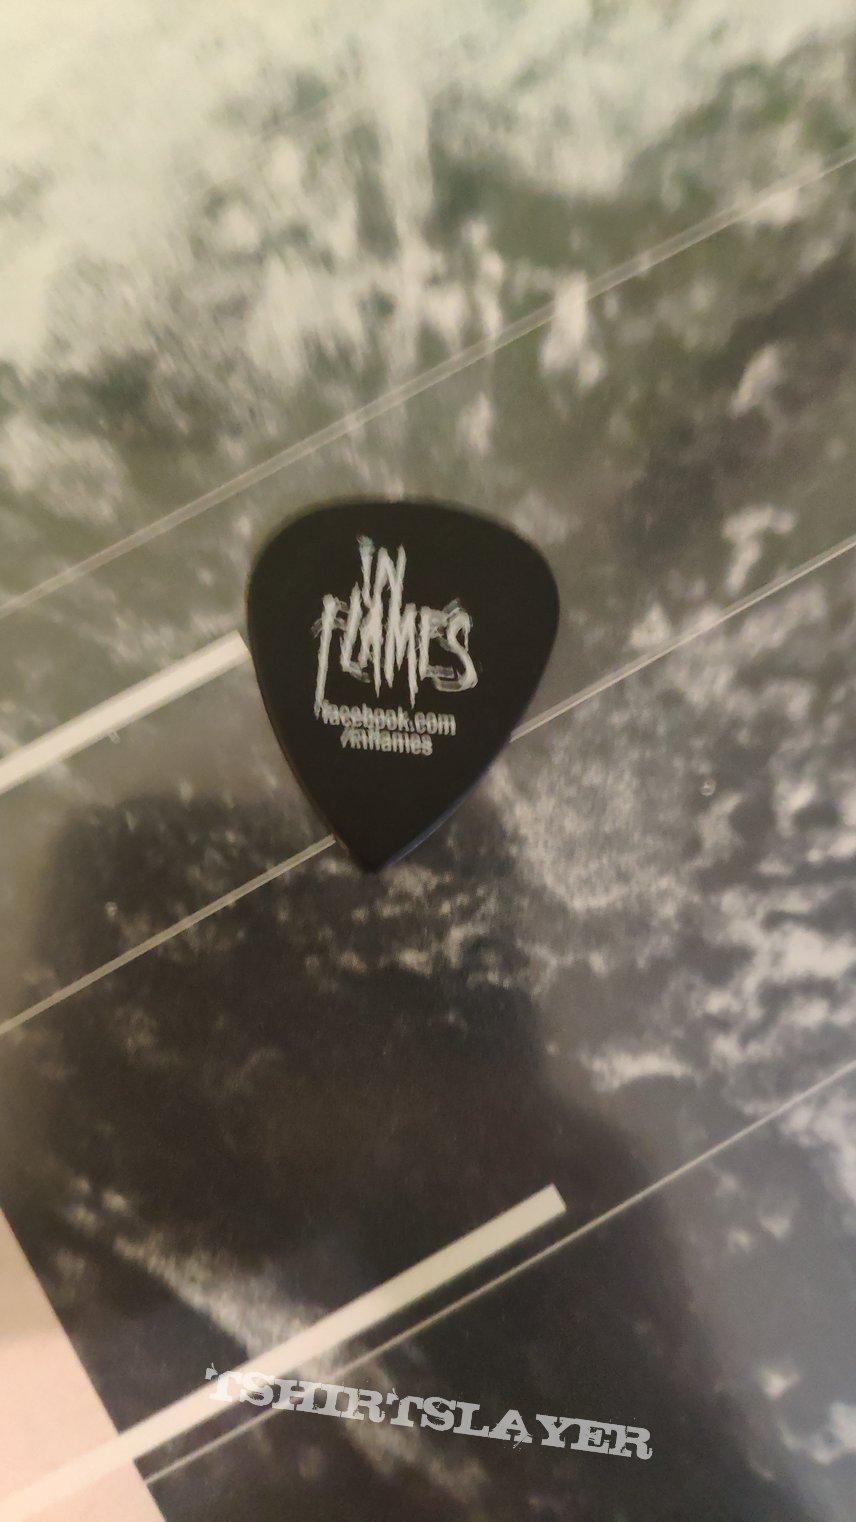 In Flames guitar pick